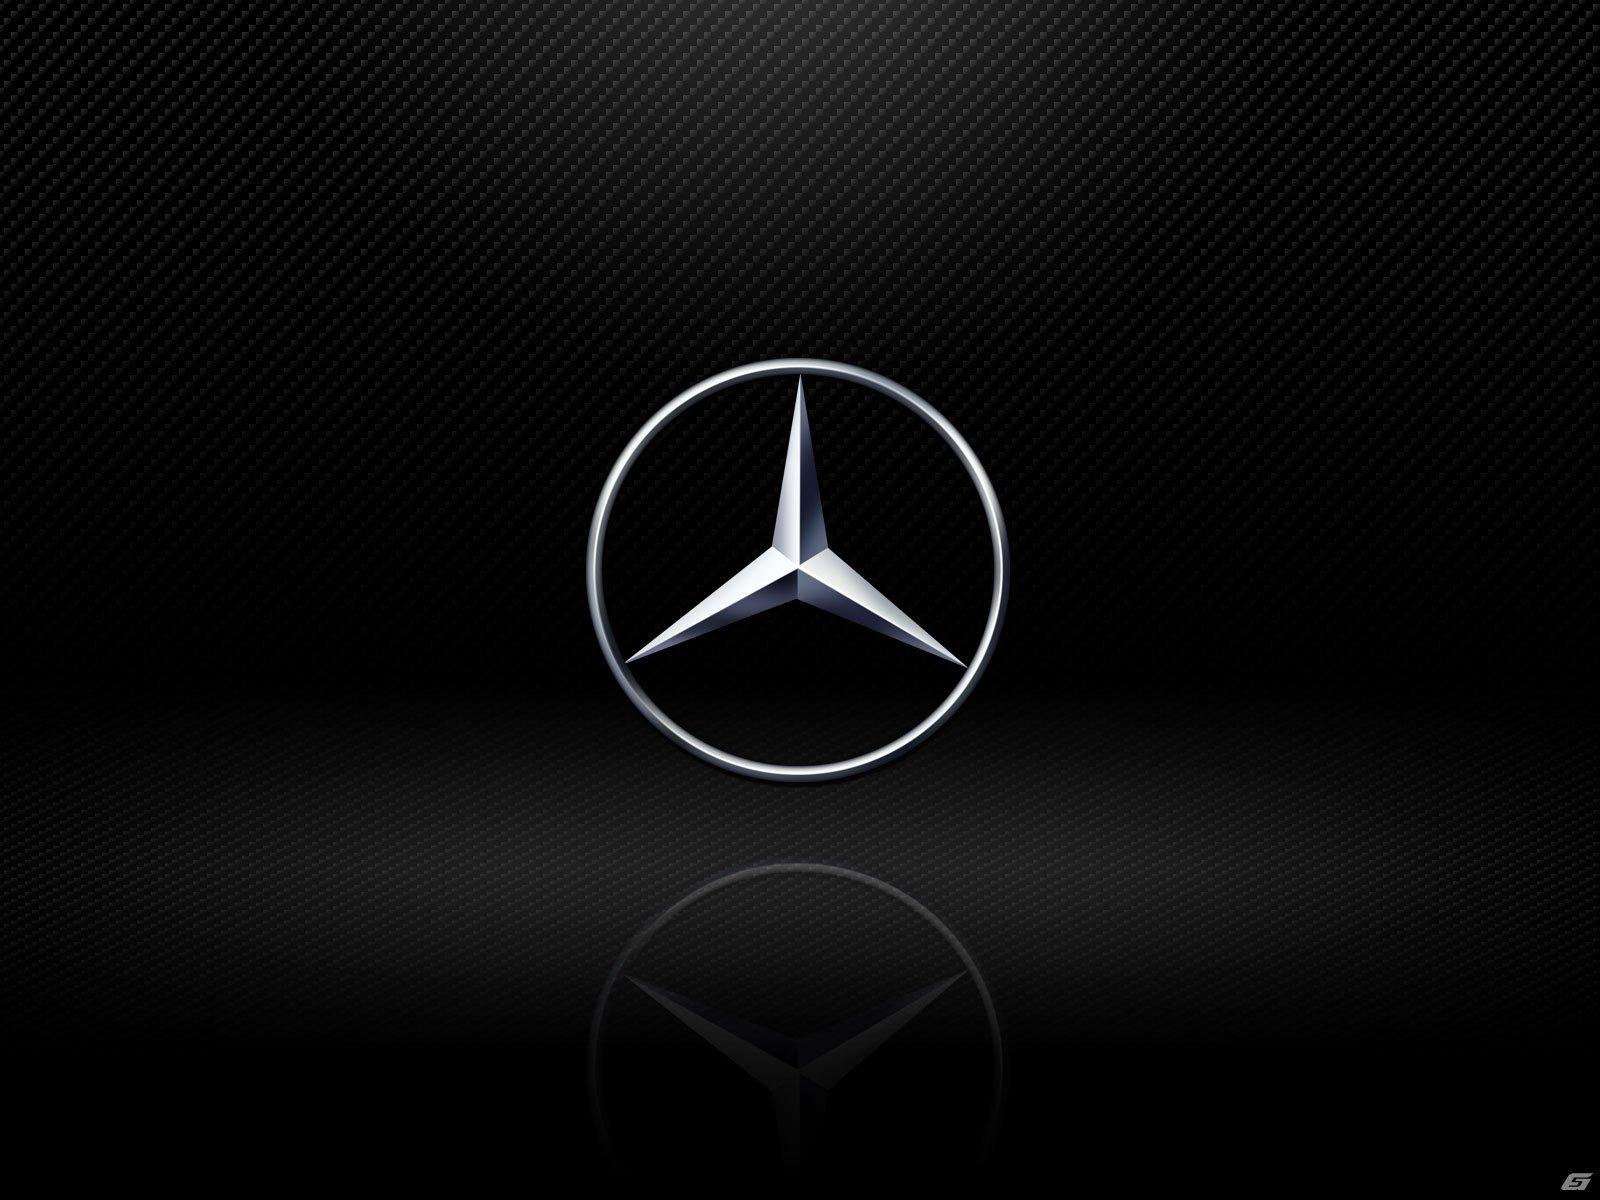 Mercedes-Benz CARBON No 1 wallpaper | 1600x1200 | 565693 ...